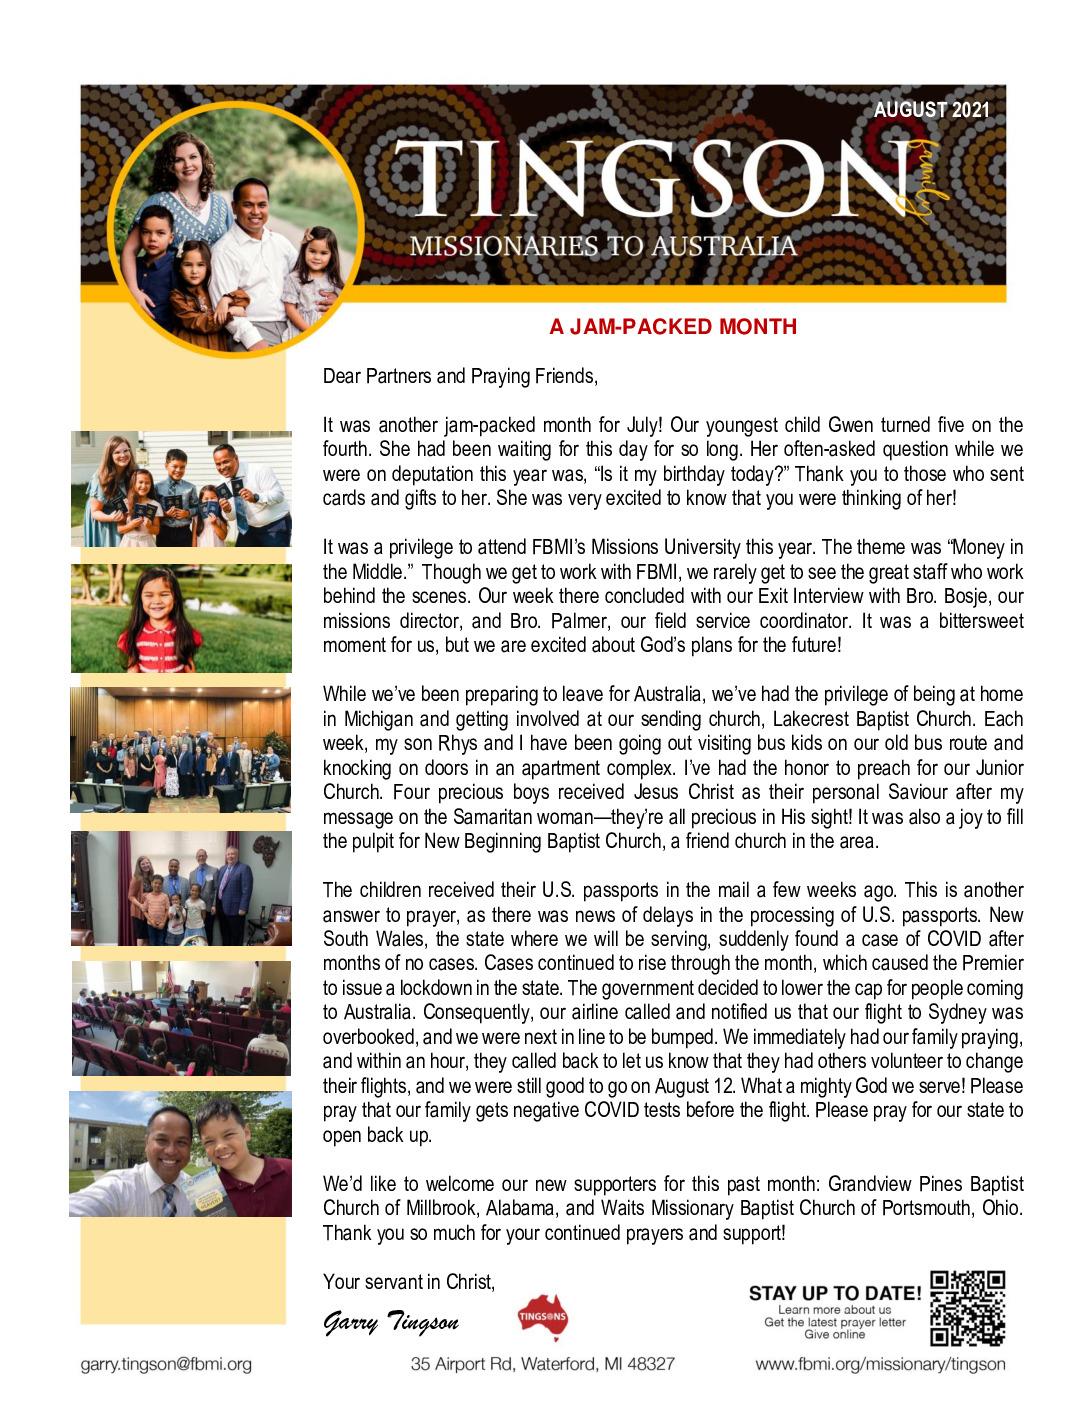 thumbnail of Garry Tingson August 2021 Prayer Letter